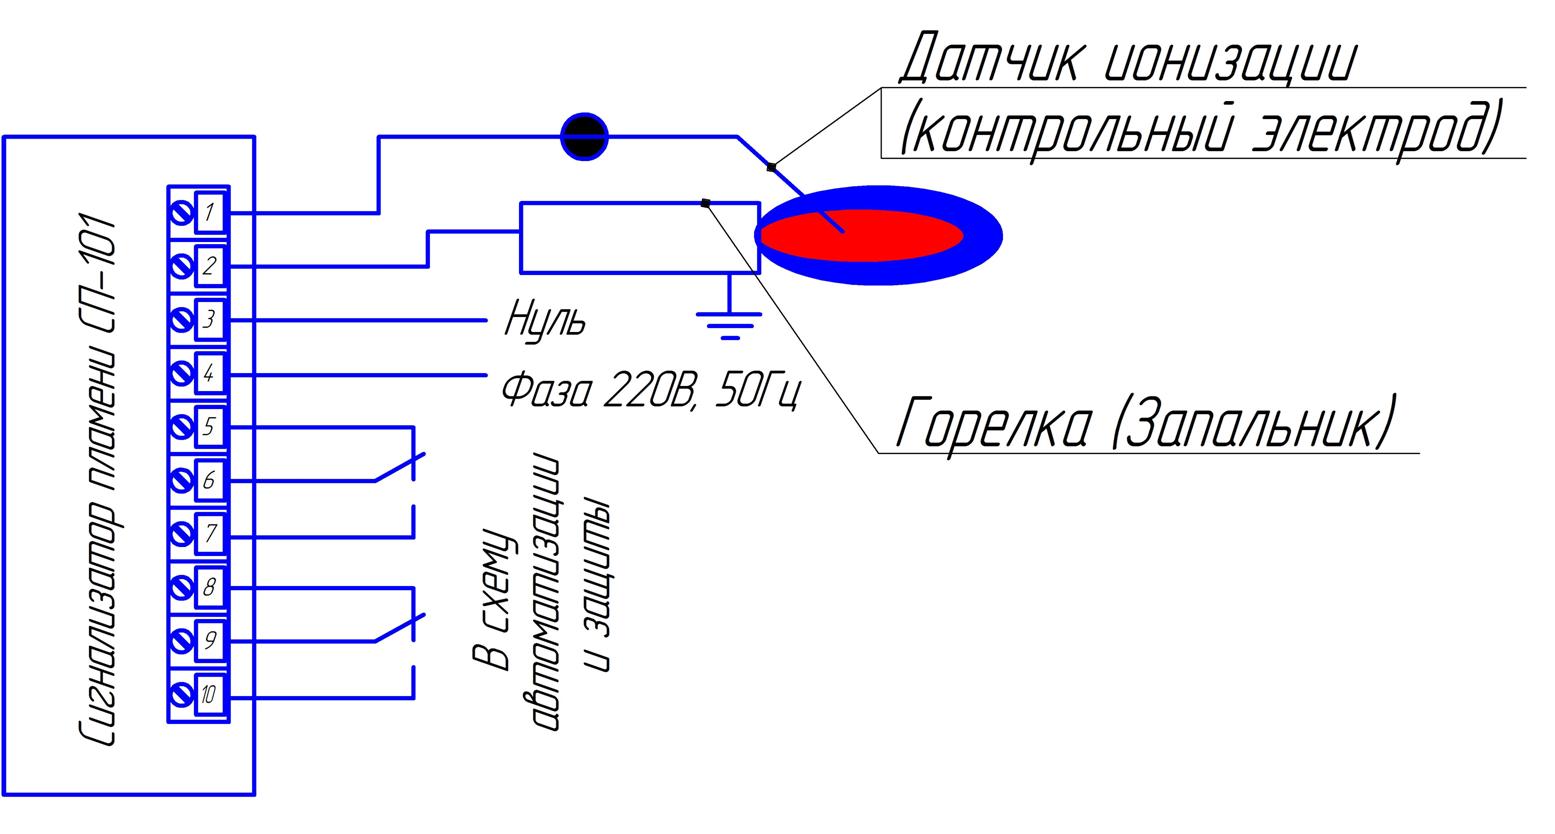 Принцип работы контрольного электрода 4527